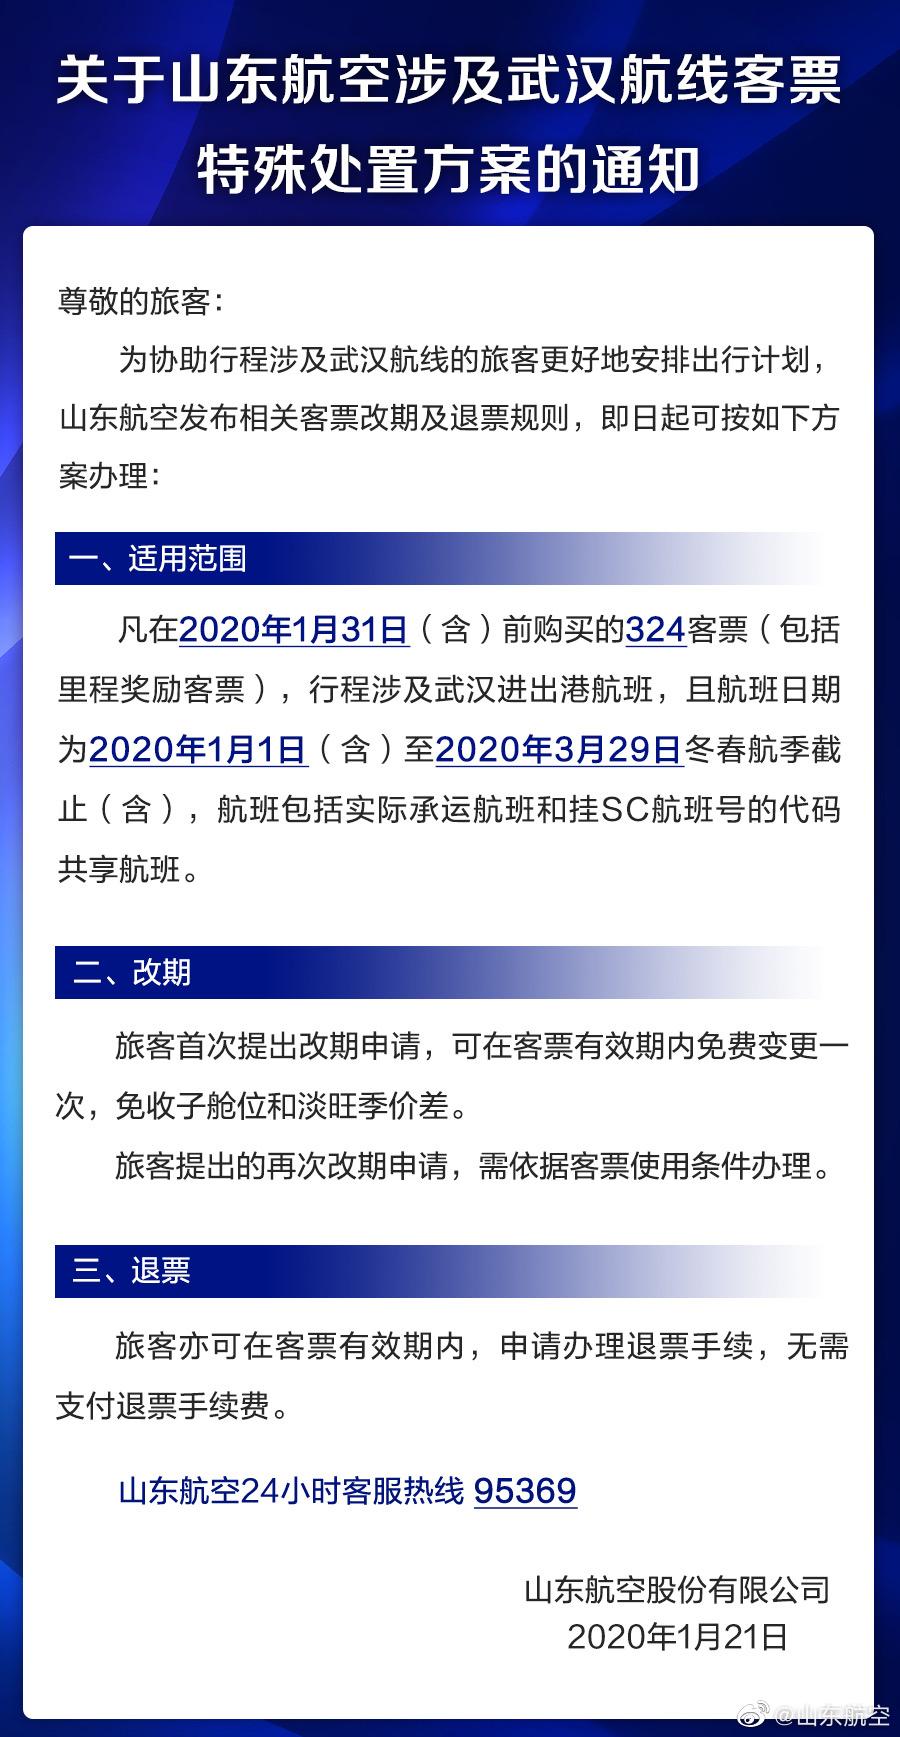 山航发布涉及武汉航线客票特殊处置方案:退票无需手续费